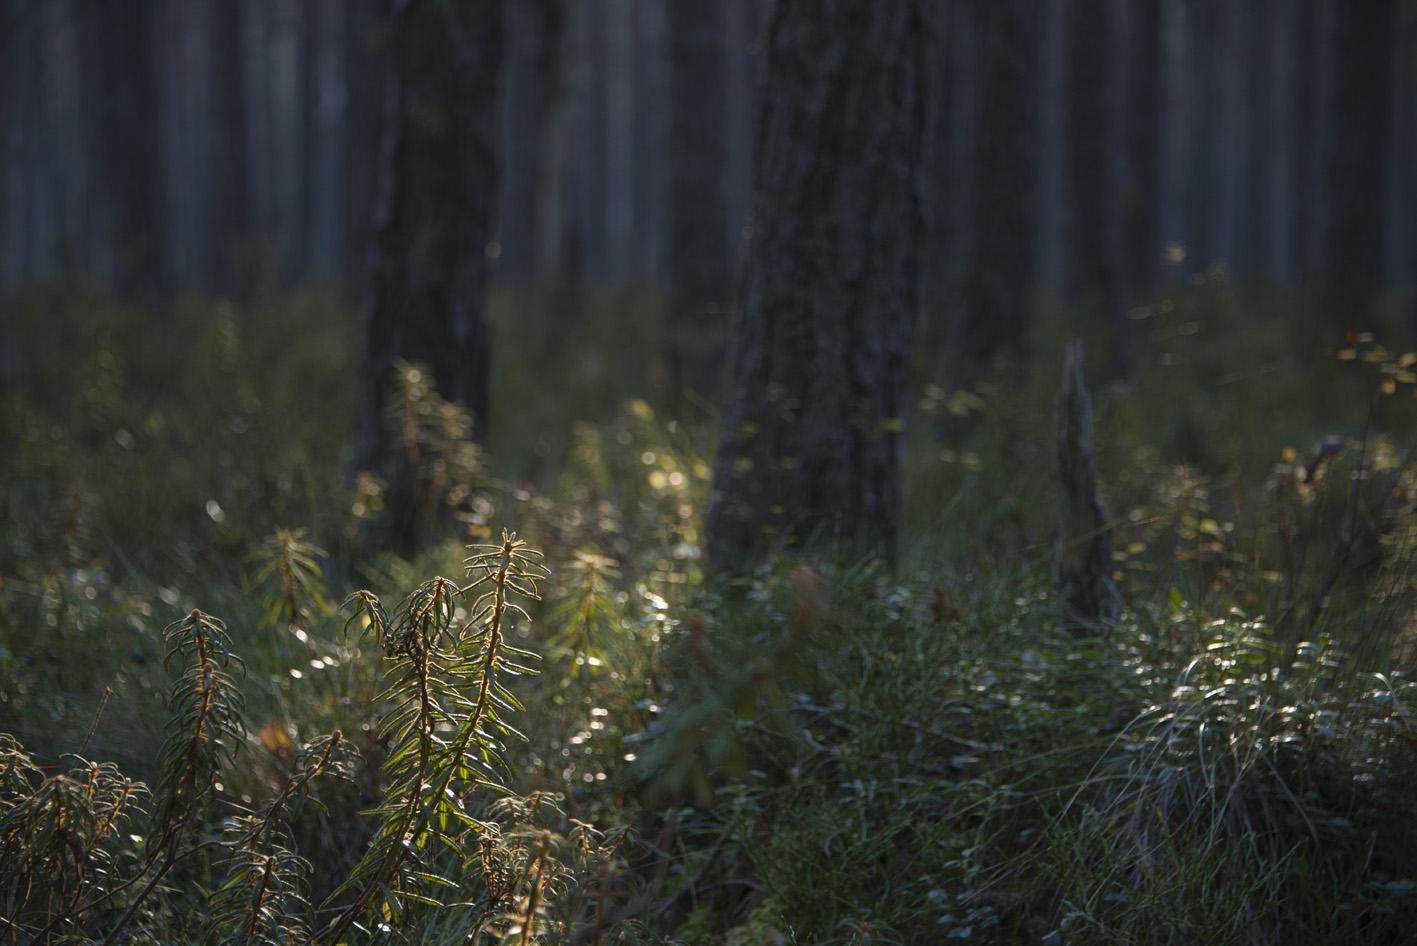 Skvattram bildar väldoftande mattor i Slätmossens naturreservat.